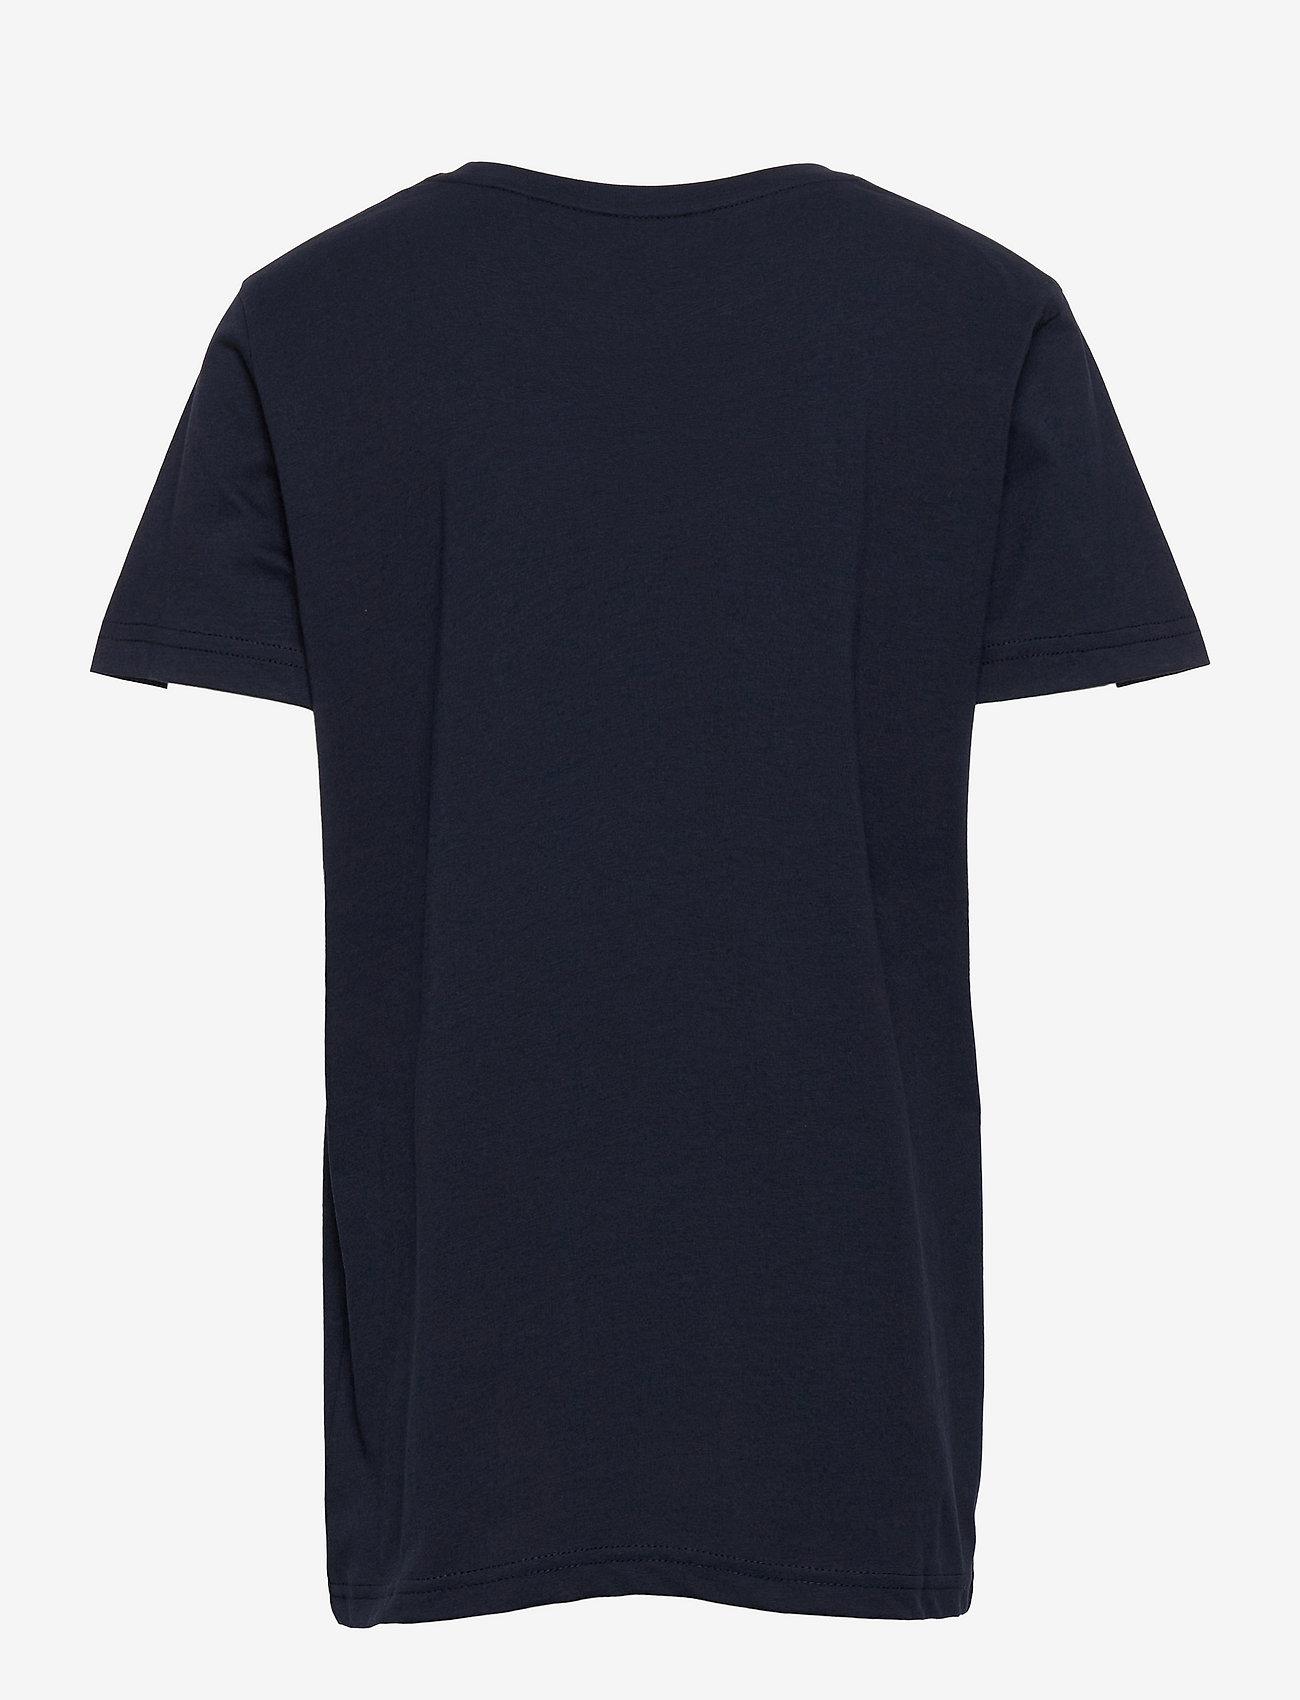 GANT - D2. NEW HAVEN BANNER SS T-SHIRT - short-sleeved - evening blue - 1